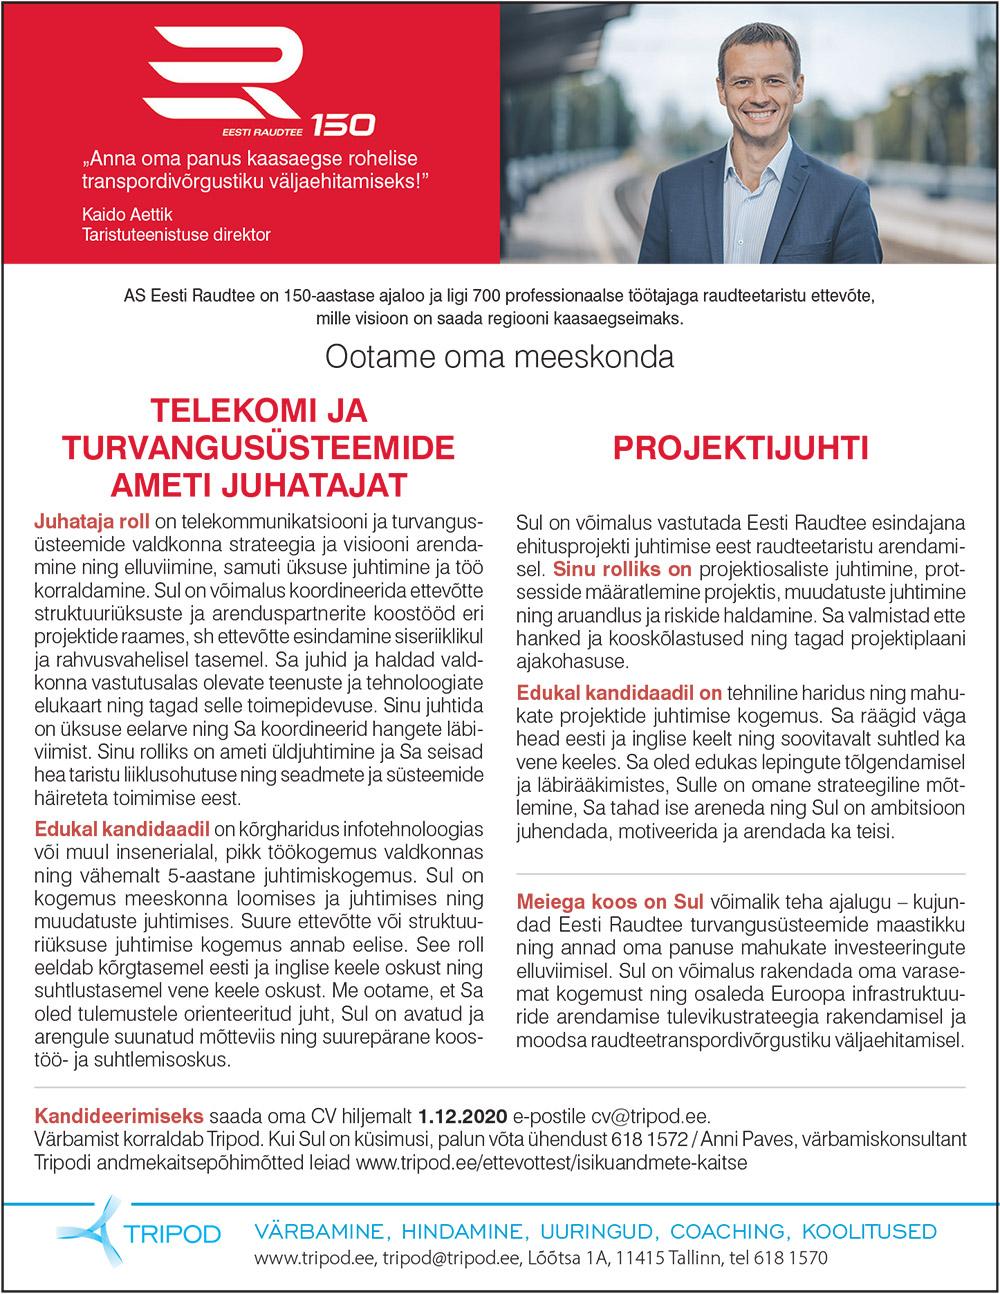 Telekomi ja turvangusüsteemide ameti juhataja / Projektijuht